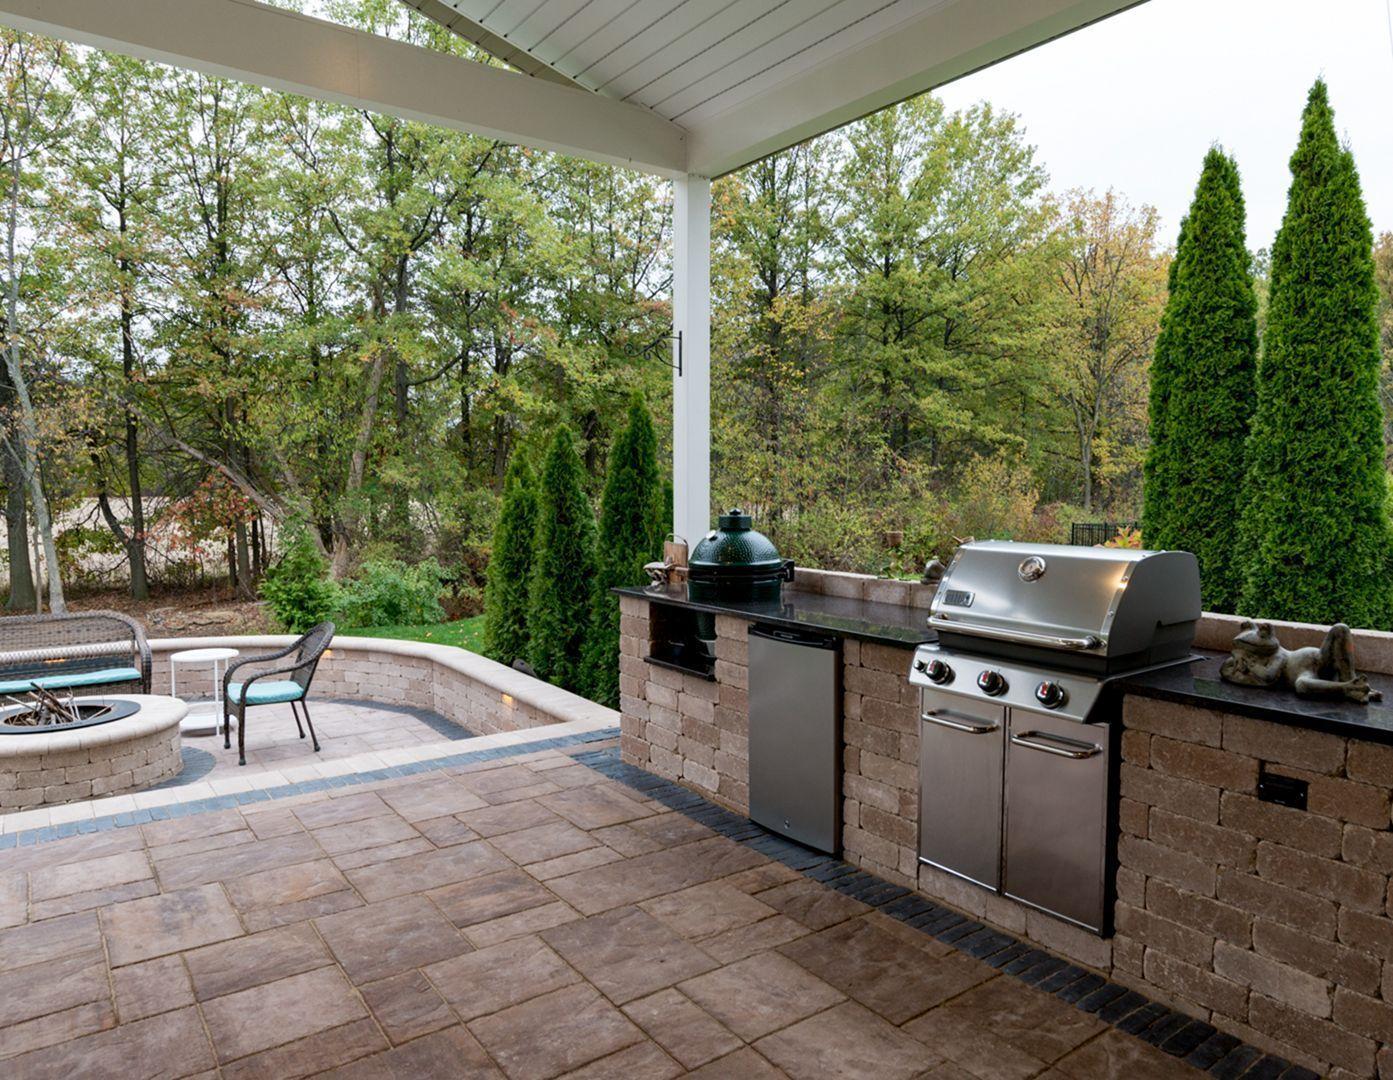 Amazing 30 Best Outdoor Backyard Kitchen Design Ideas For Your Home Roomy Outdoor Kitchen Design Backyard Kitchen Outdoor Backyard